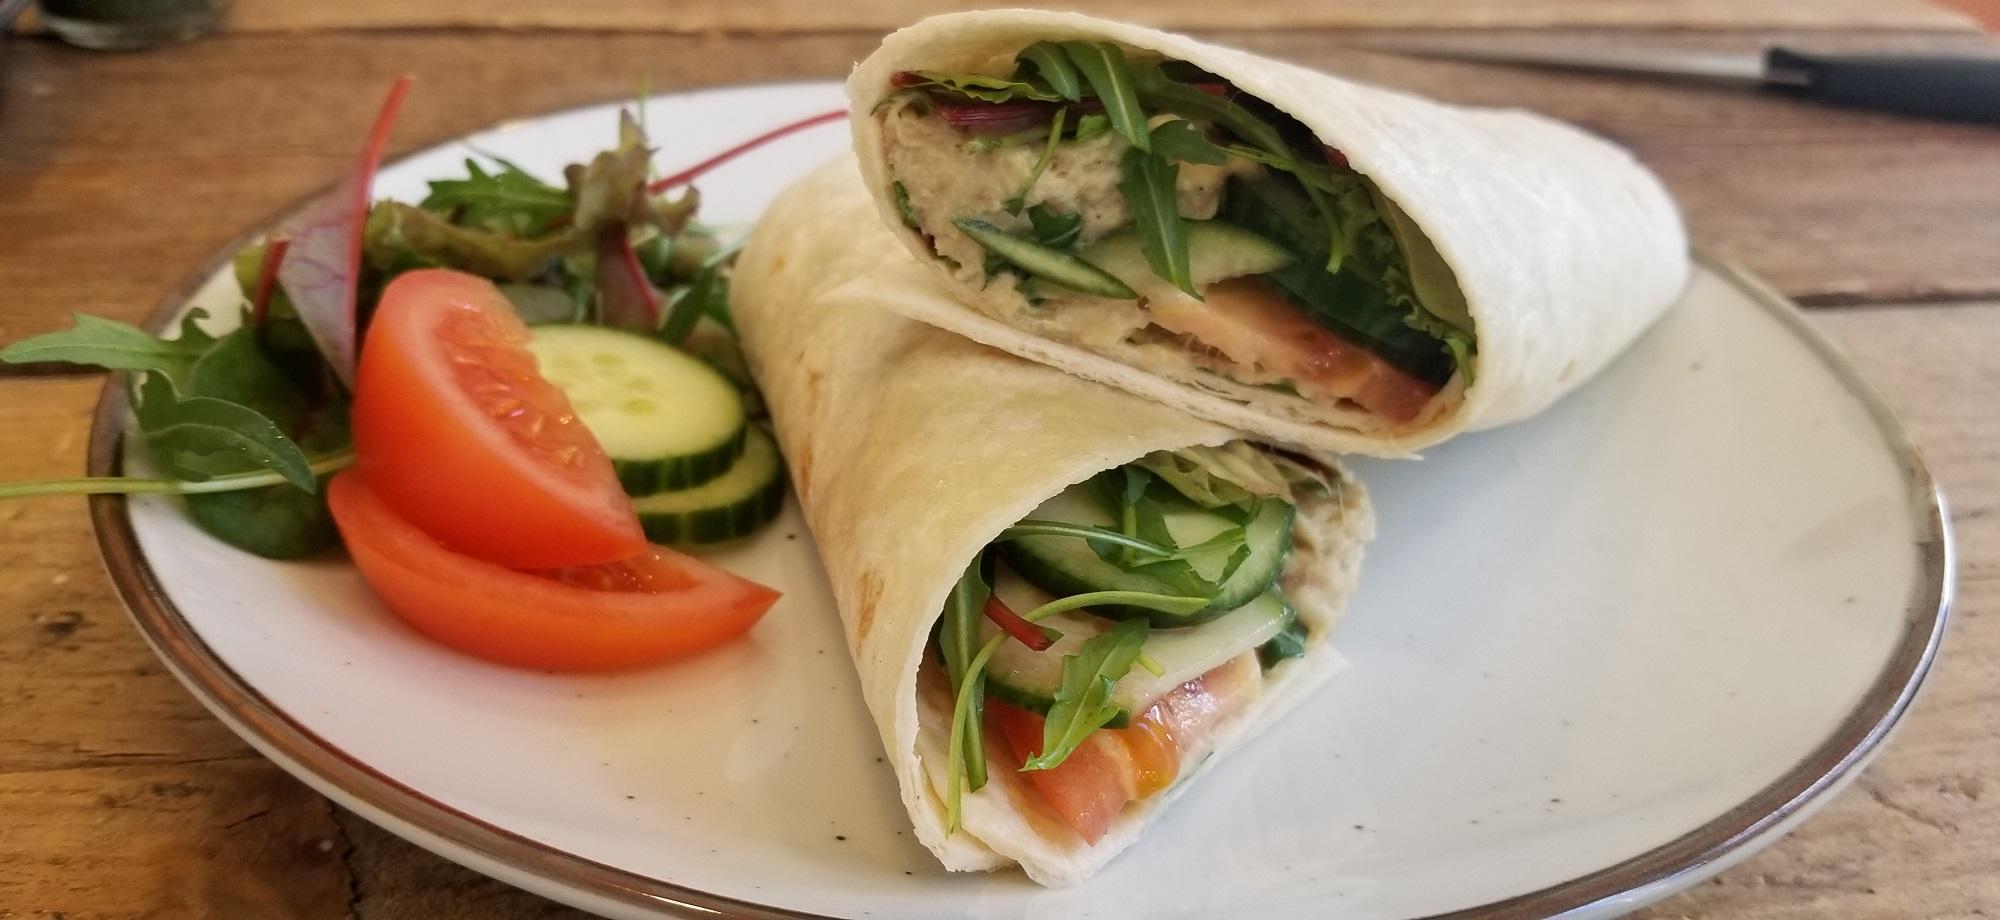 gezond recept voor gerookte makrlee salade